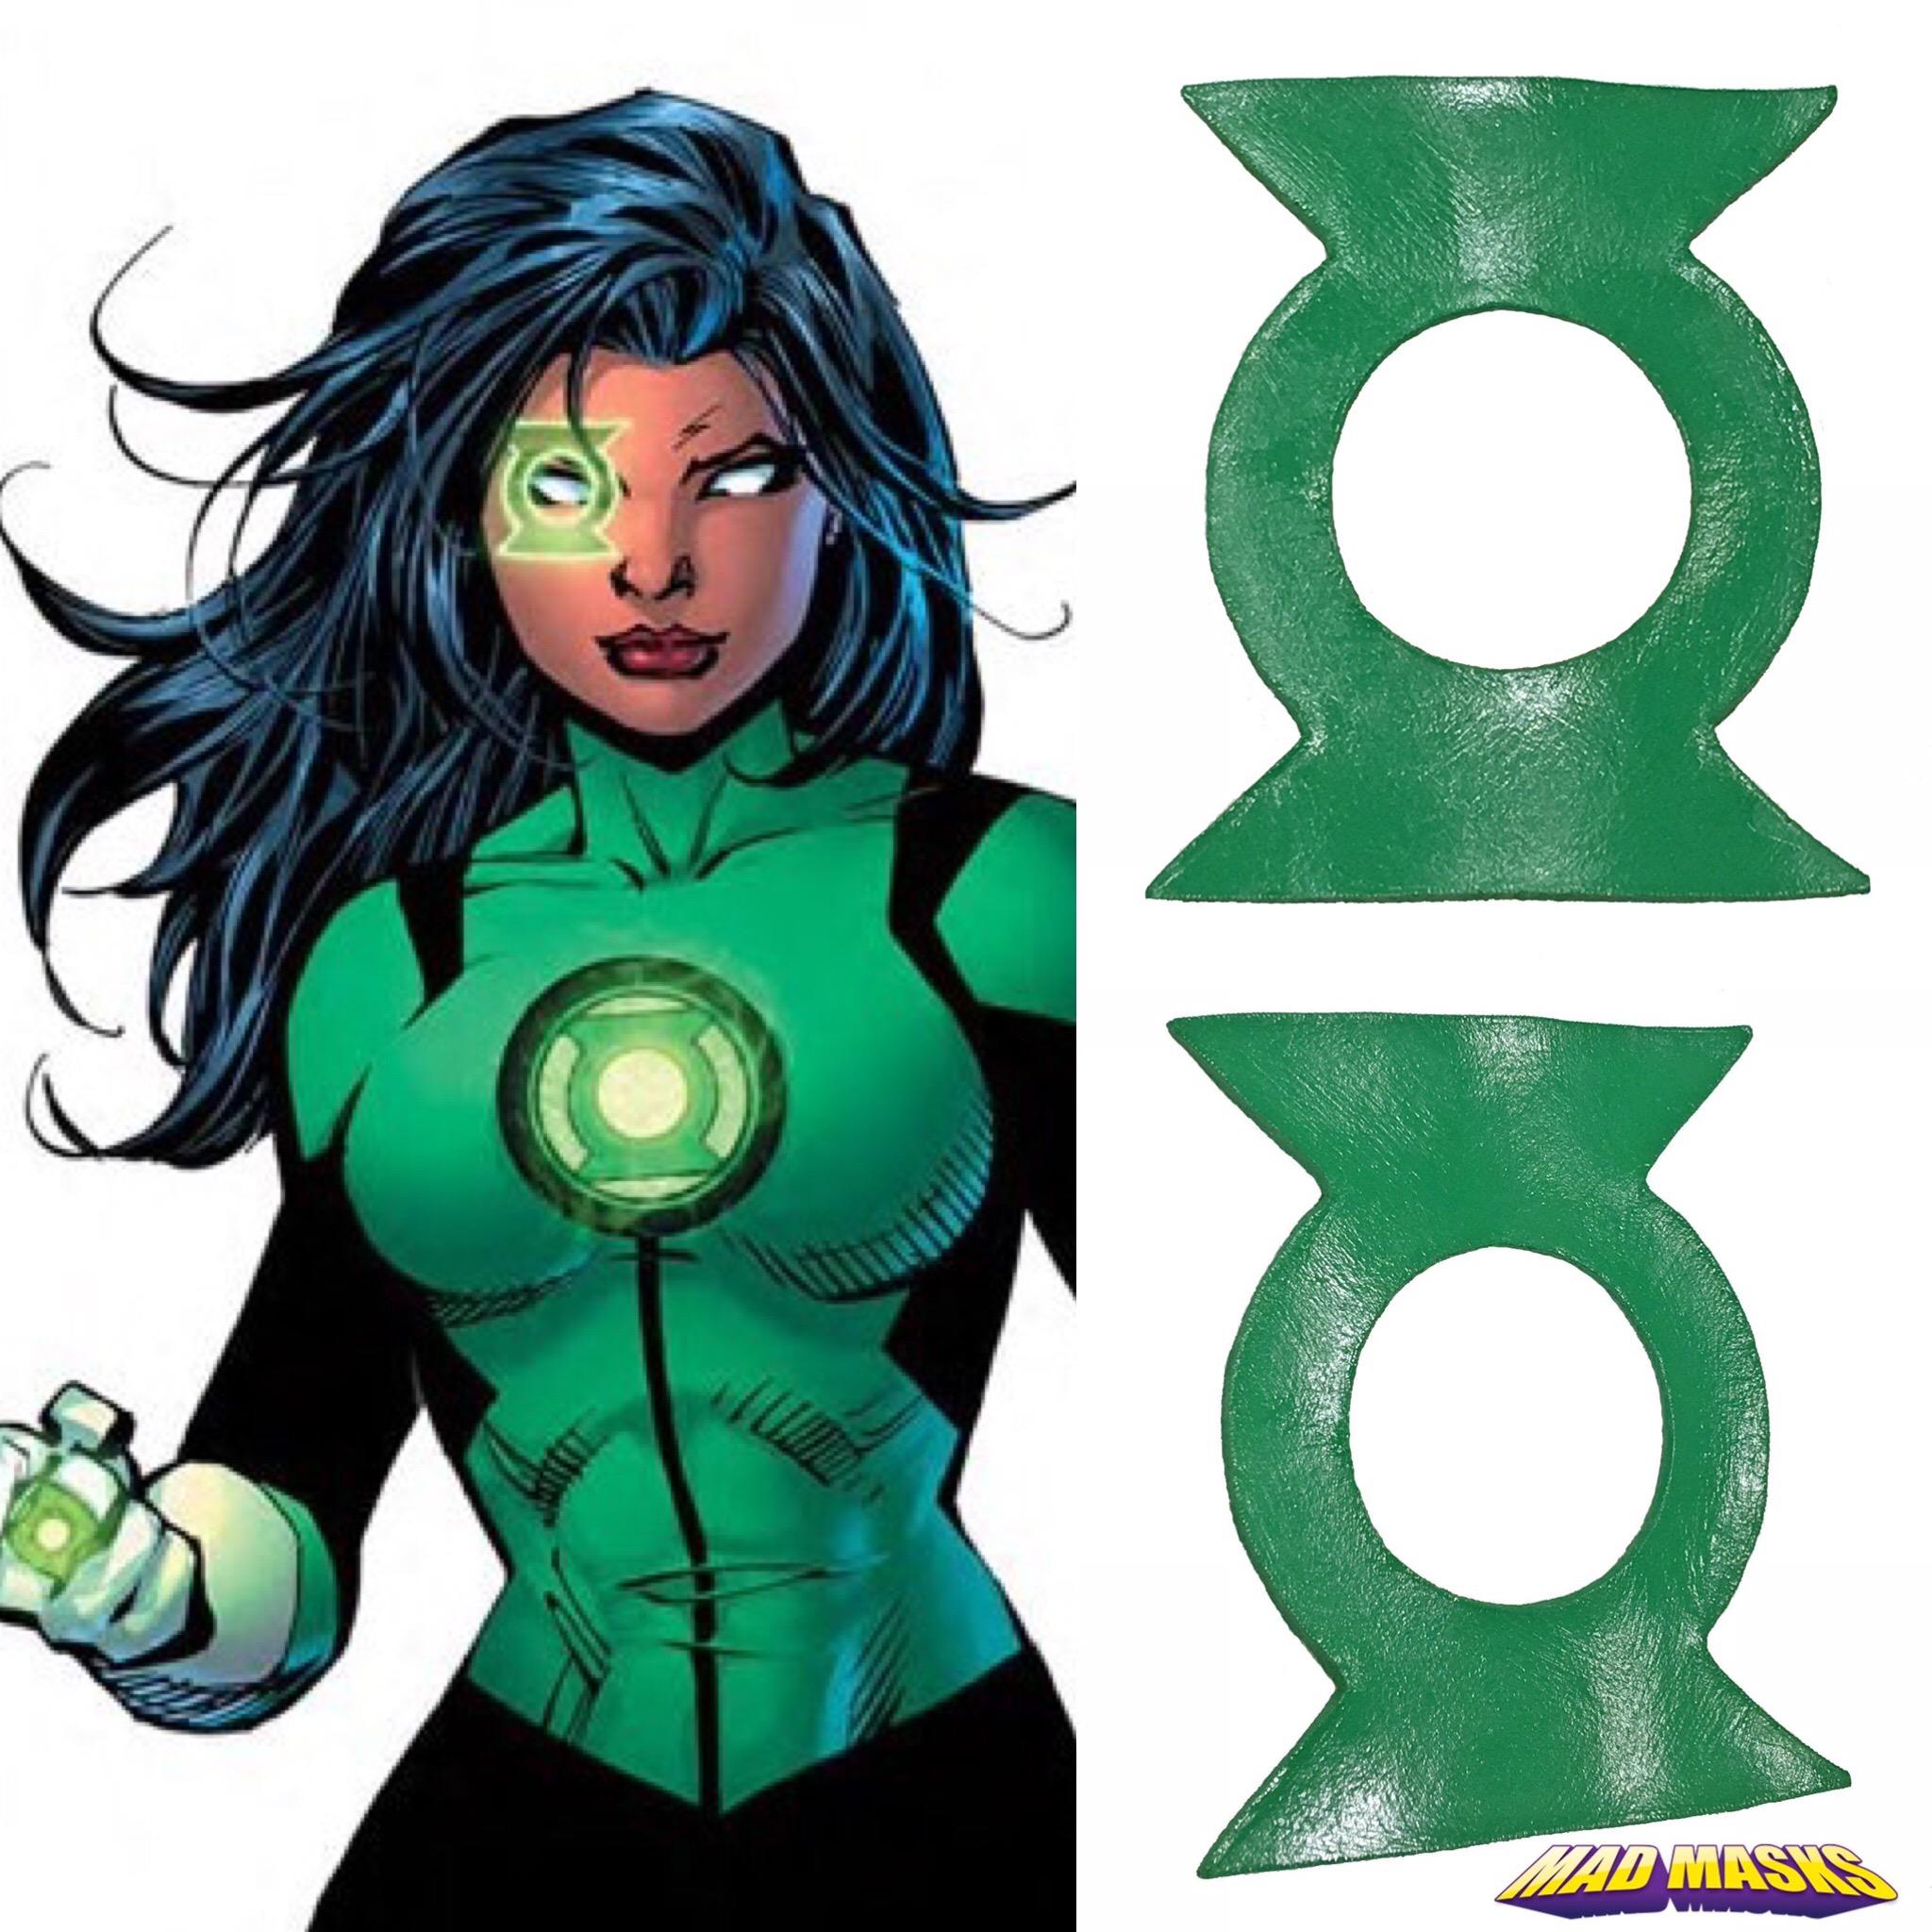 green-lantern-jessica-cruz-eye-mask.jpg